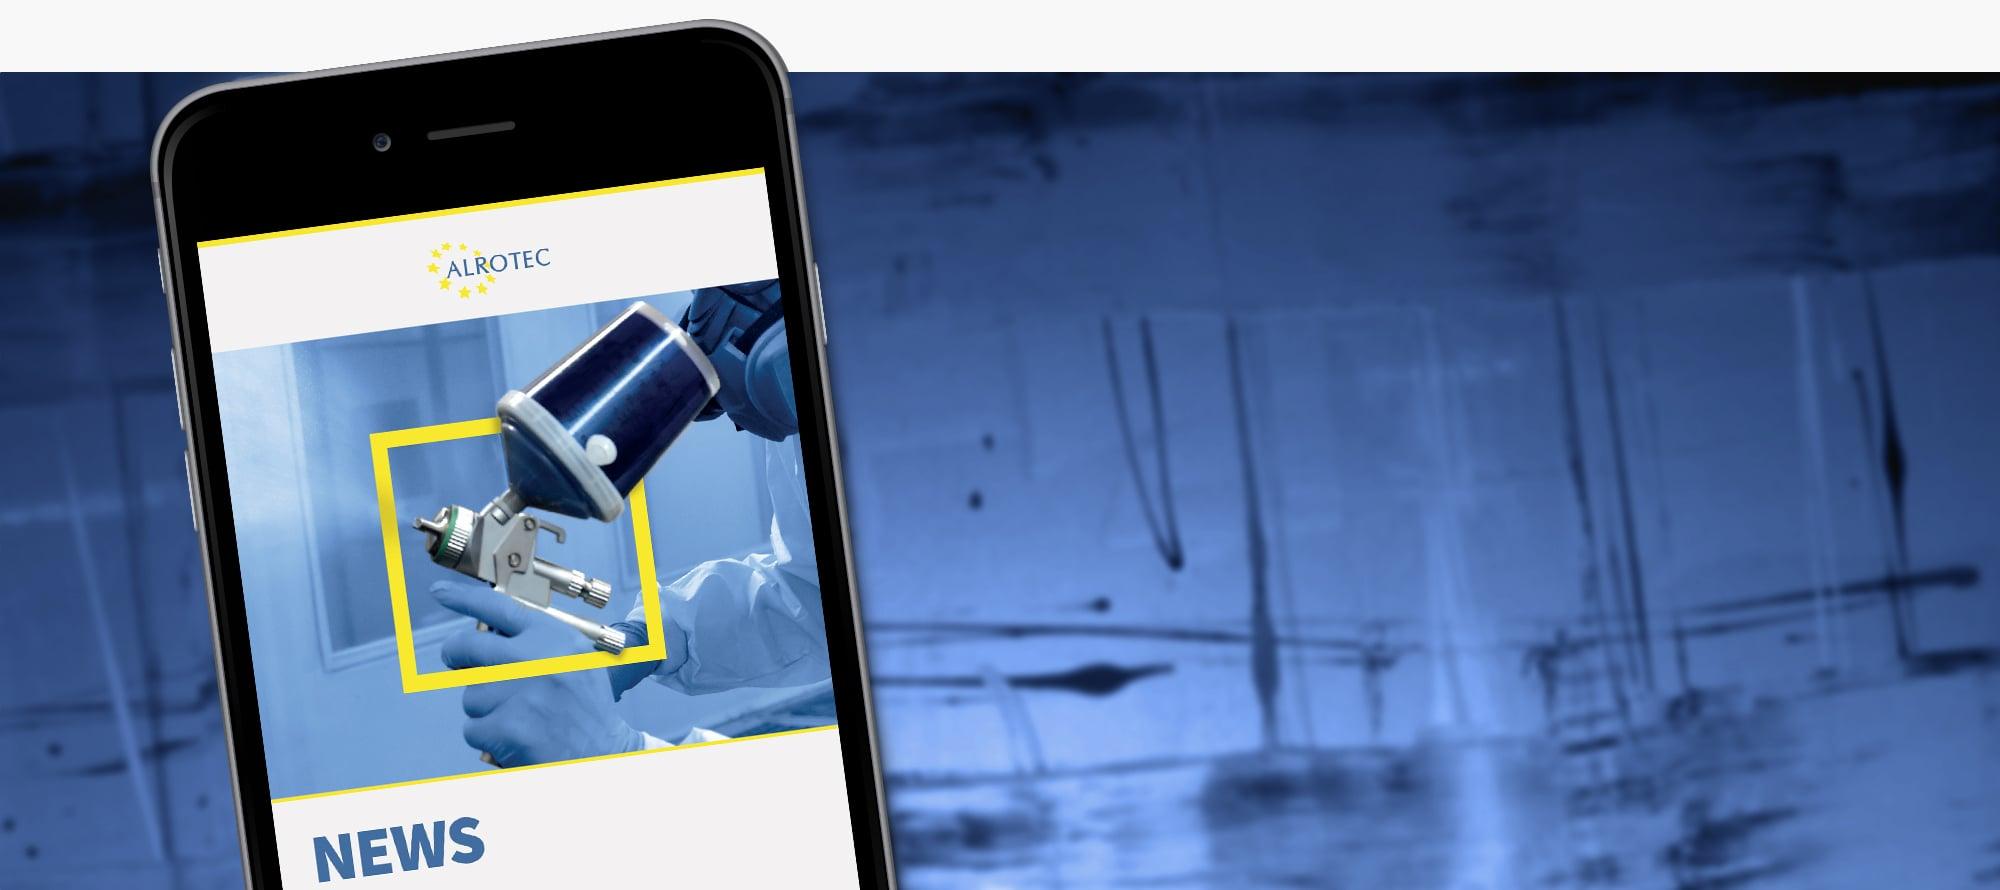 ALROTEC-News auf einem Smartphone